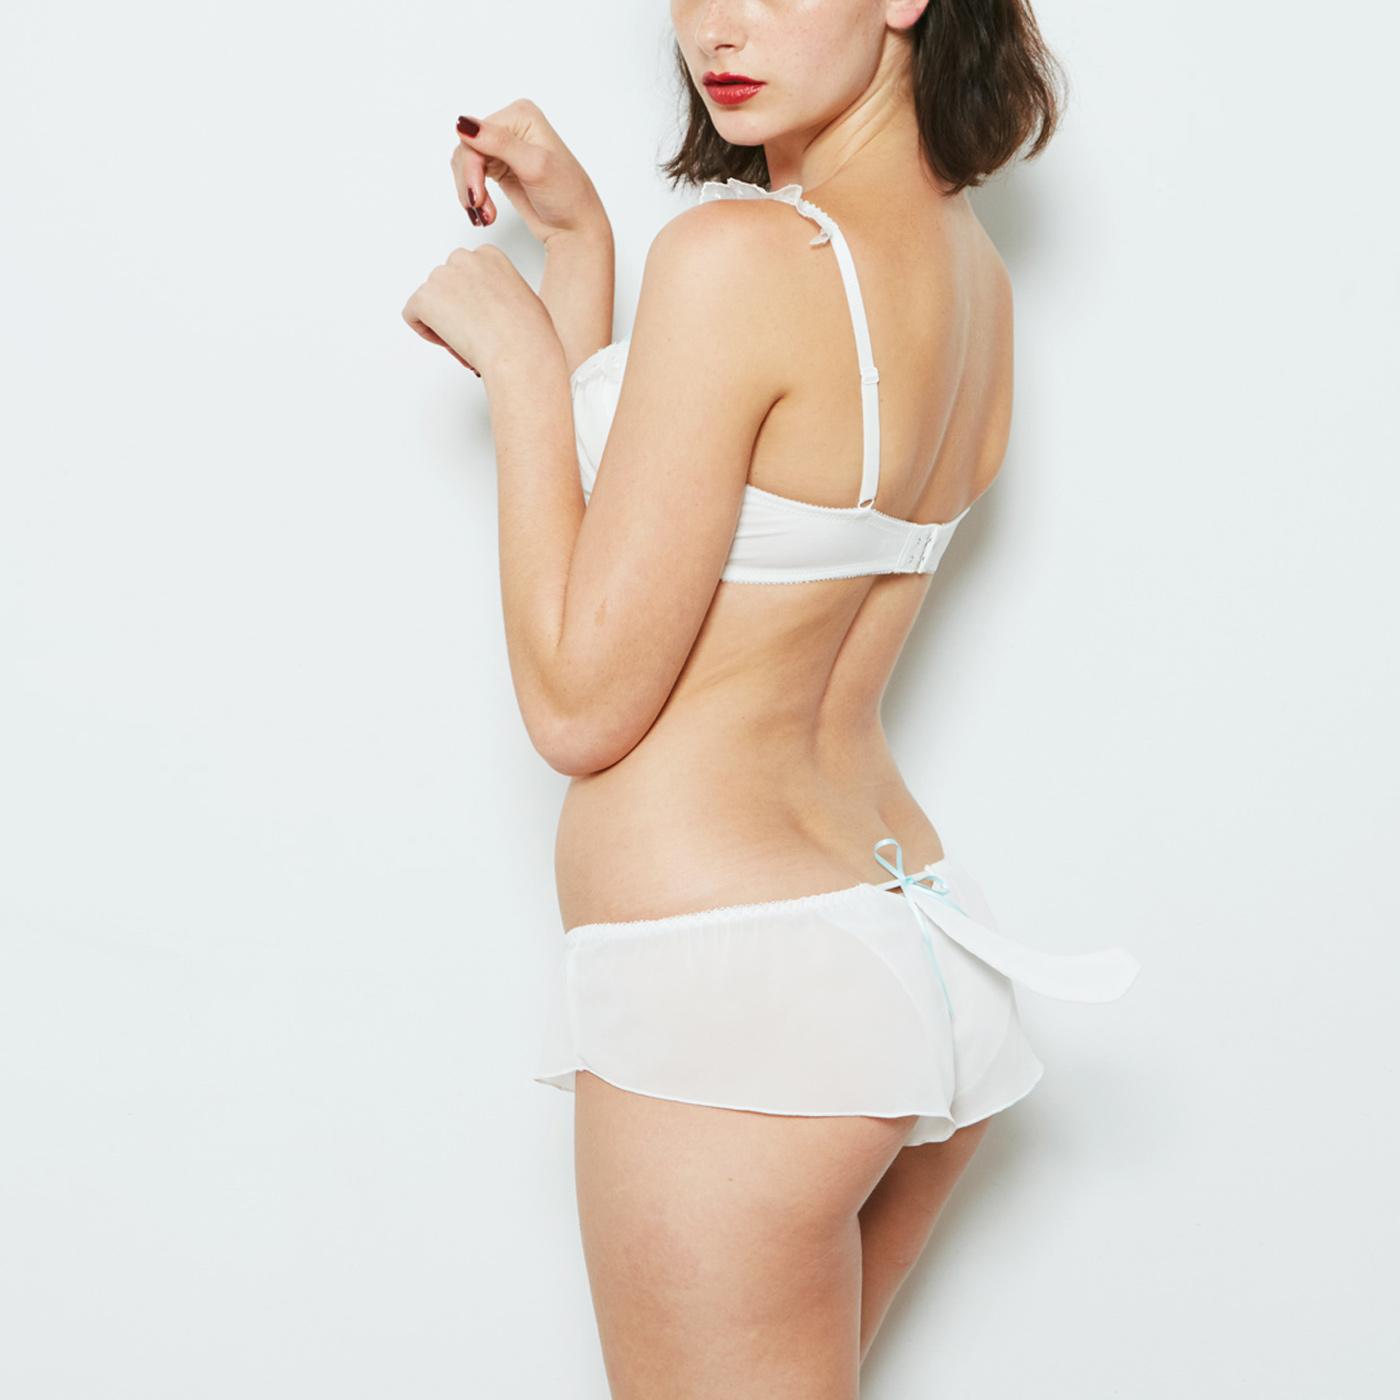 リボンで取り外し可能なしっぽ付き ※モデルのしっぽは撮影用に持ち上げています。